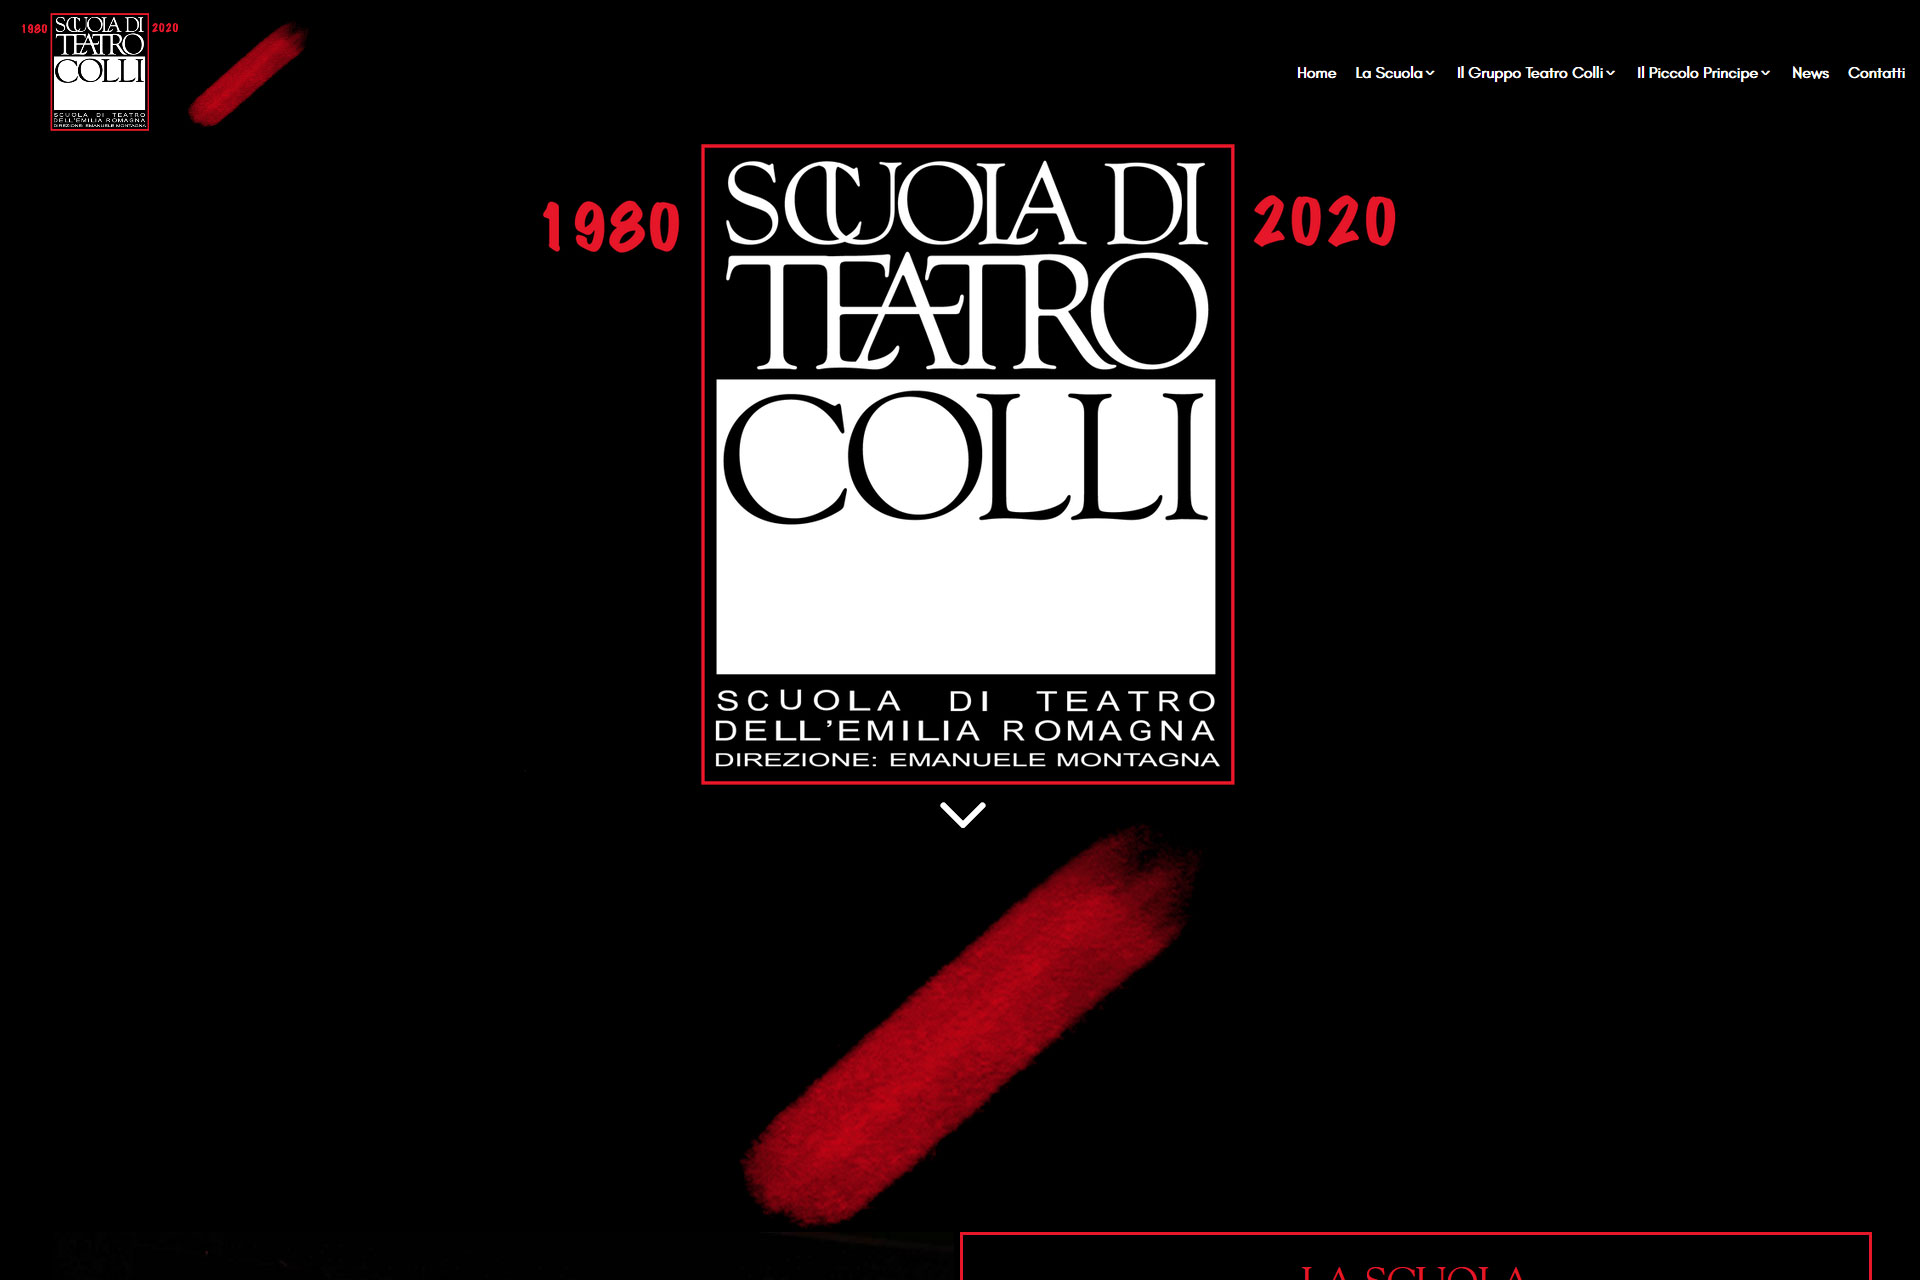 lv-design-realizzazione-siti-web-bologna-portfolio-scuola-di-teatro-colli-slide-1